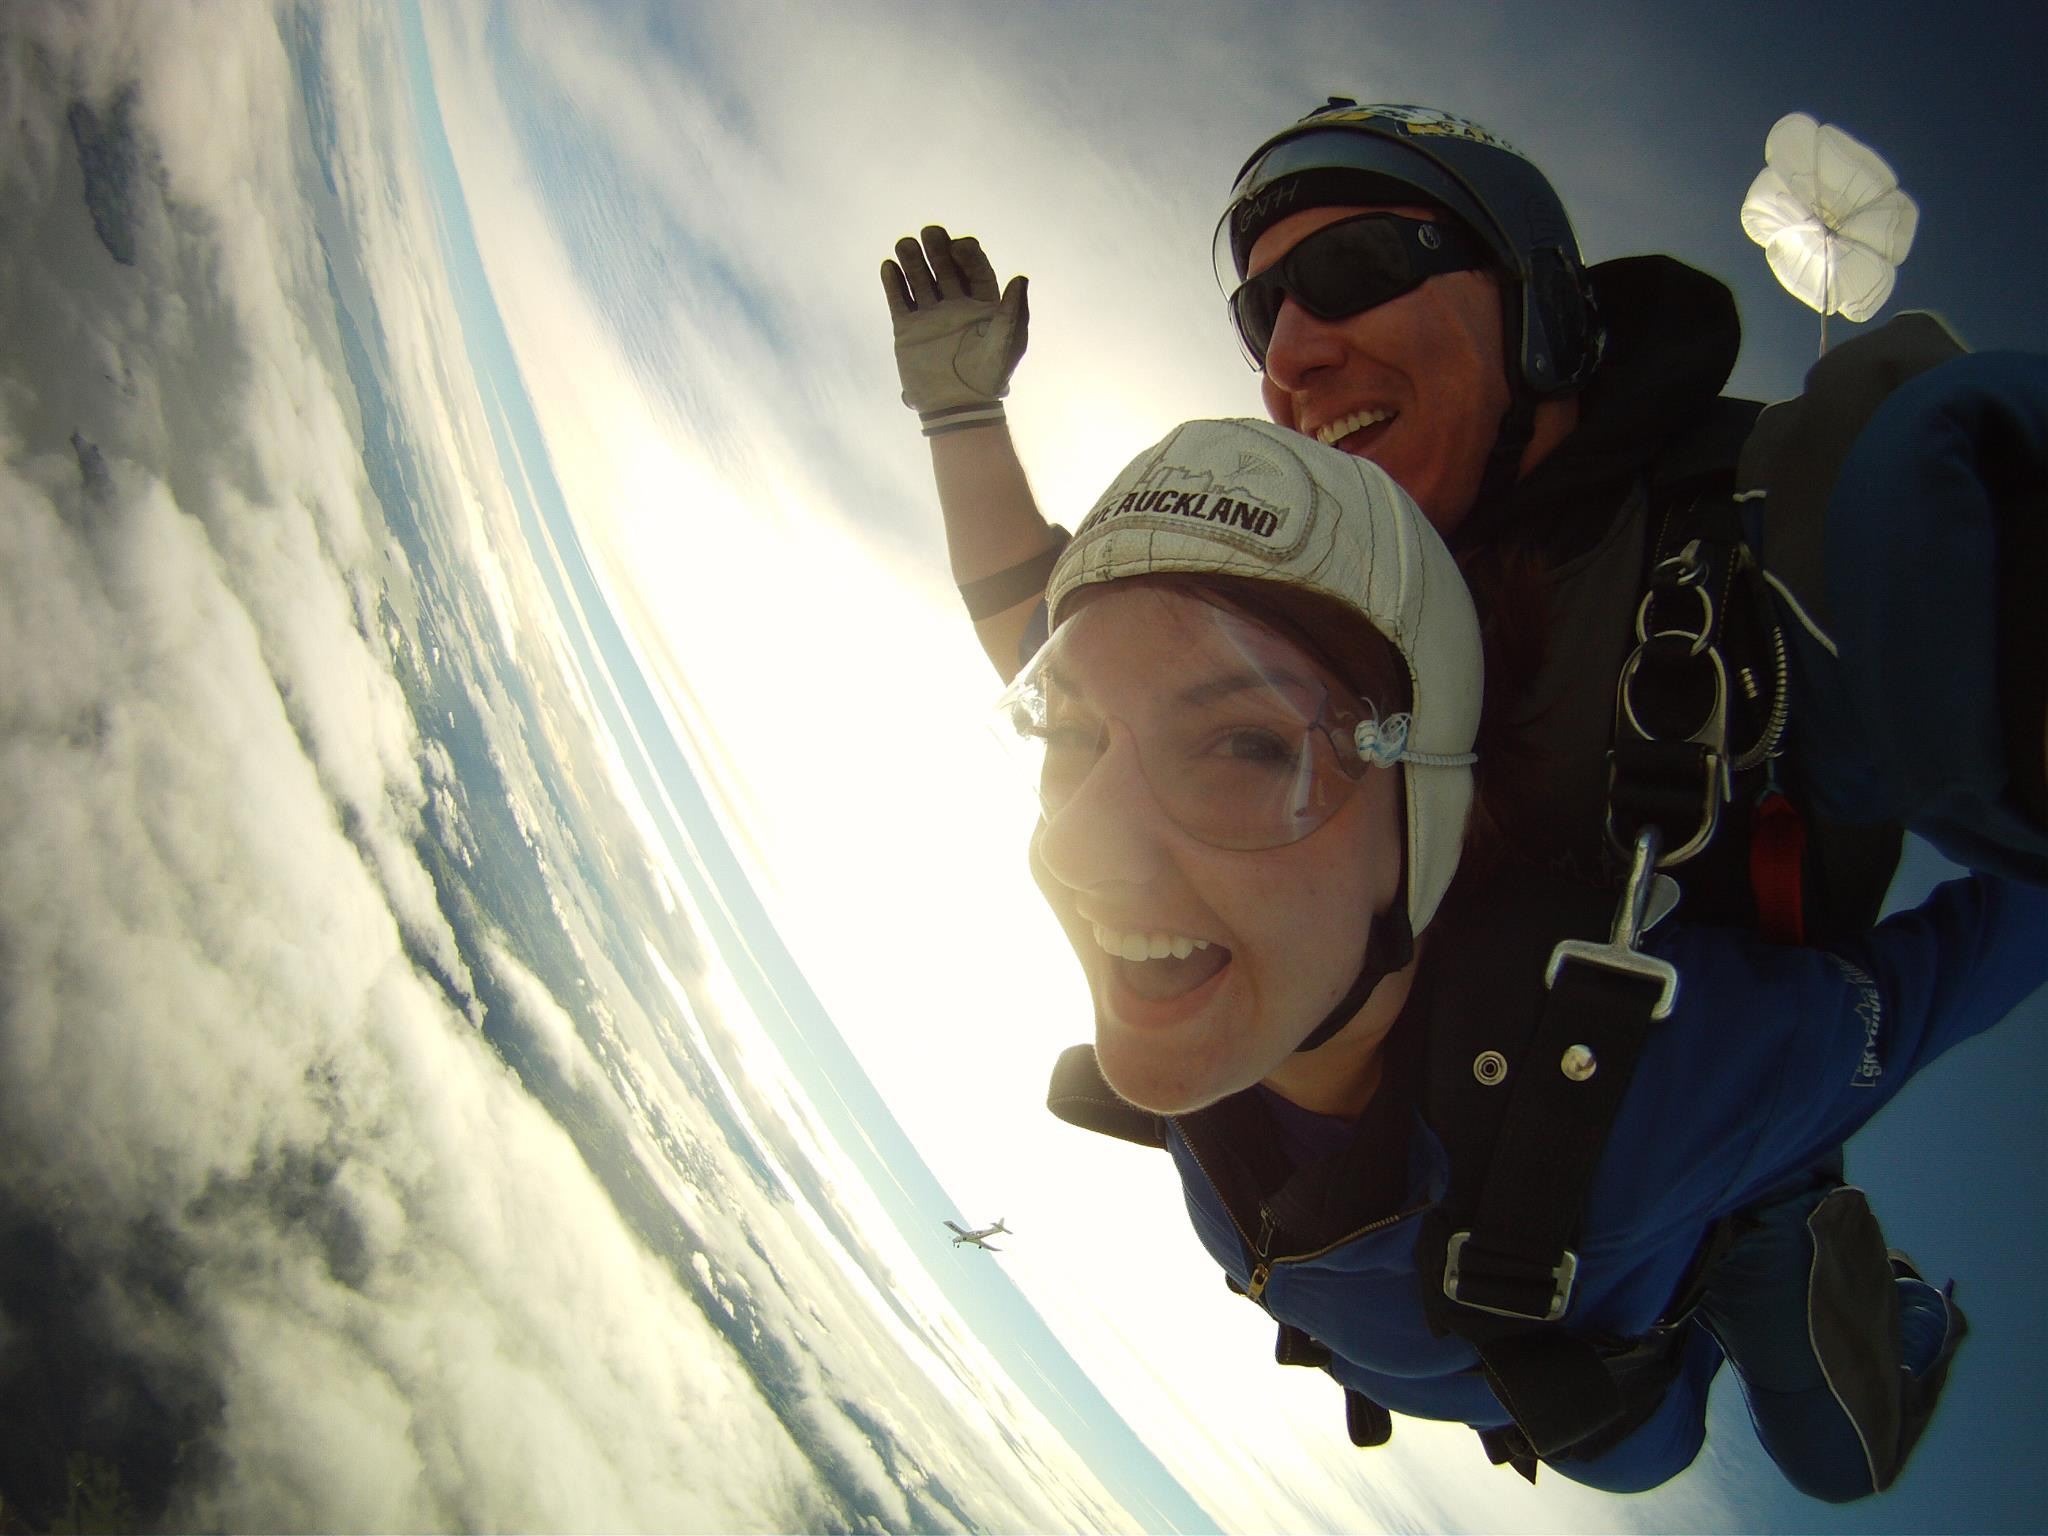 Woman skydiving tandem